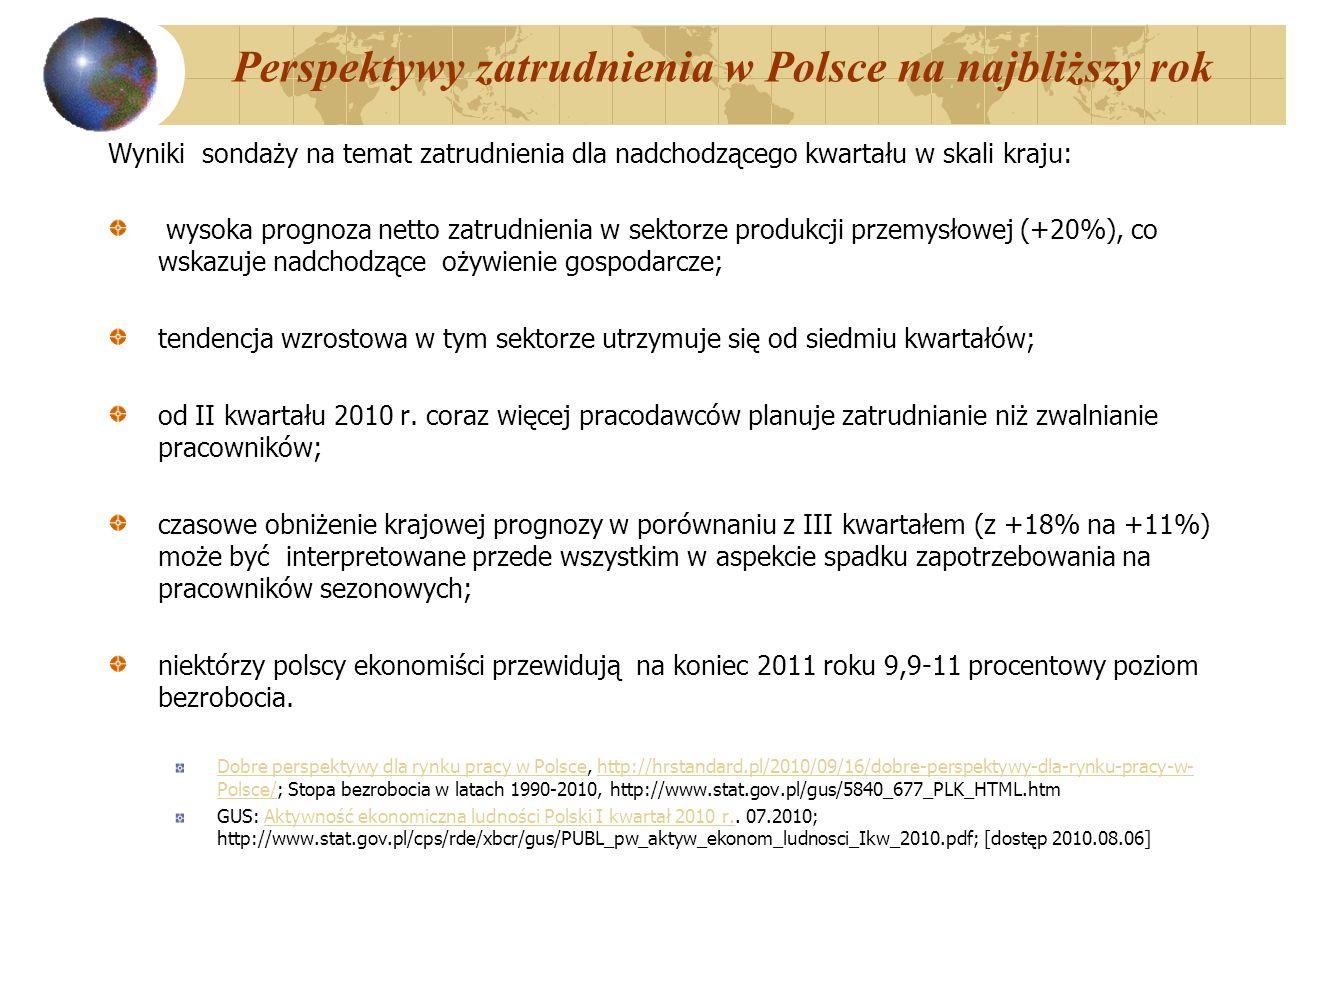 Perspektywy zatrudnienia w Polsce na najbliższy rok